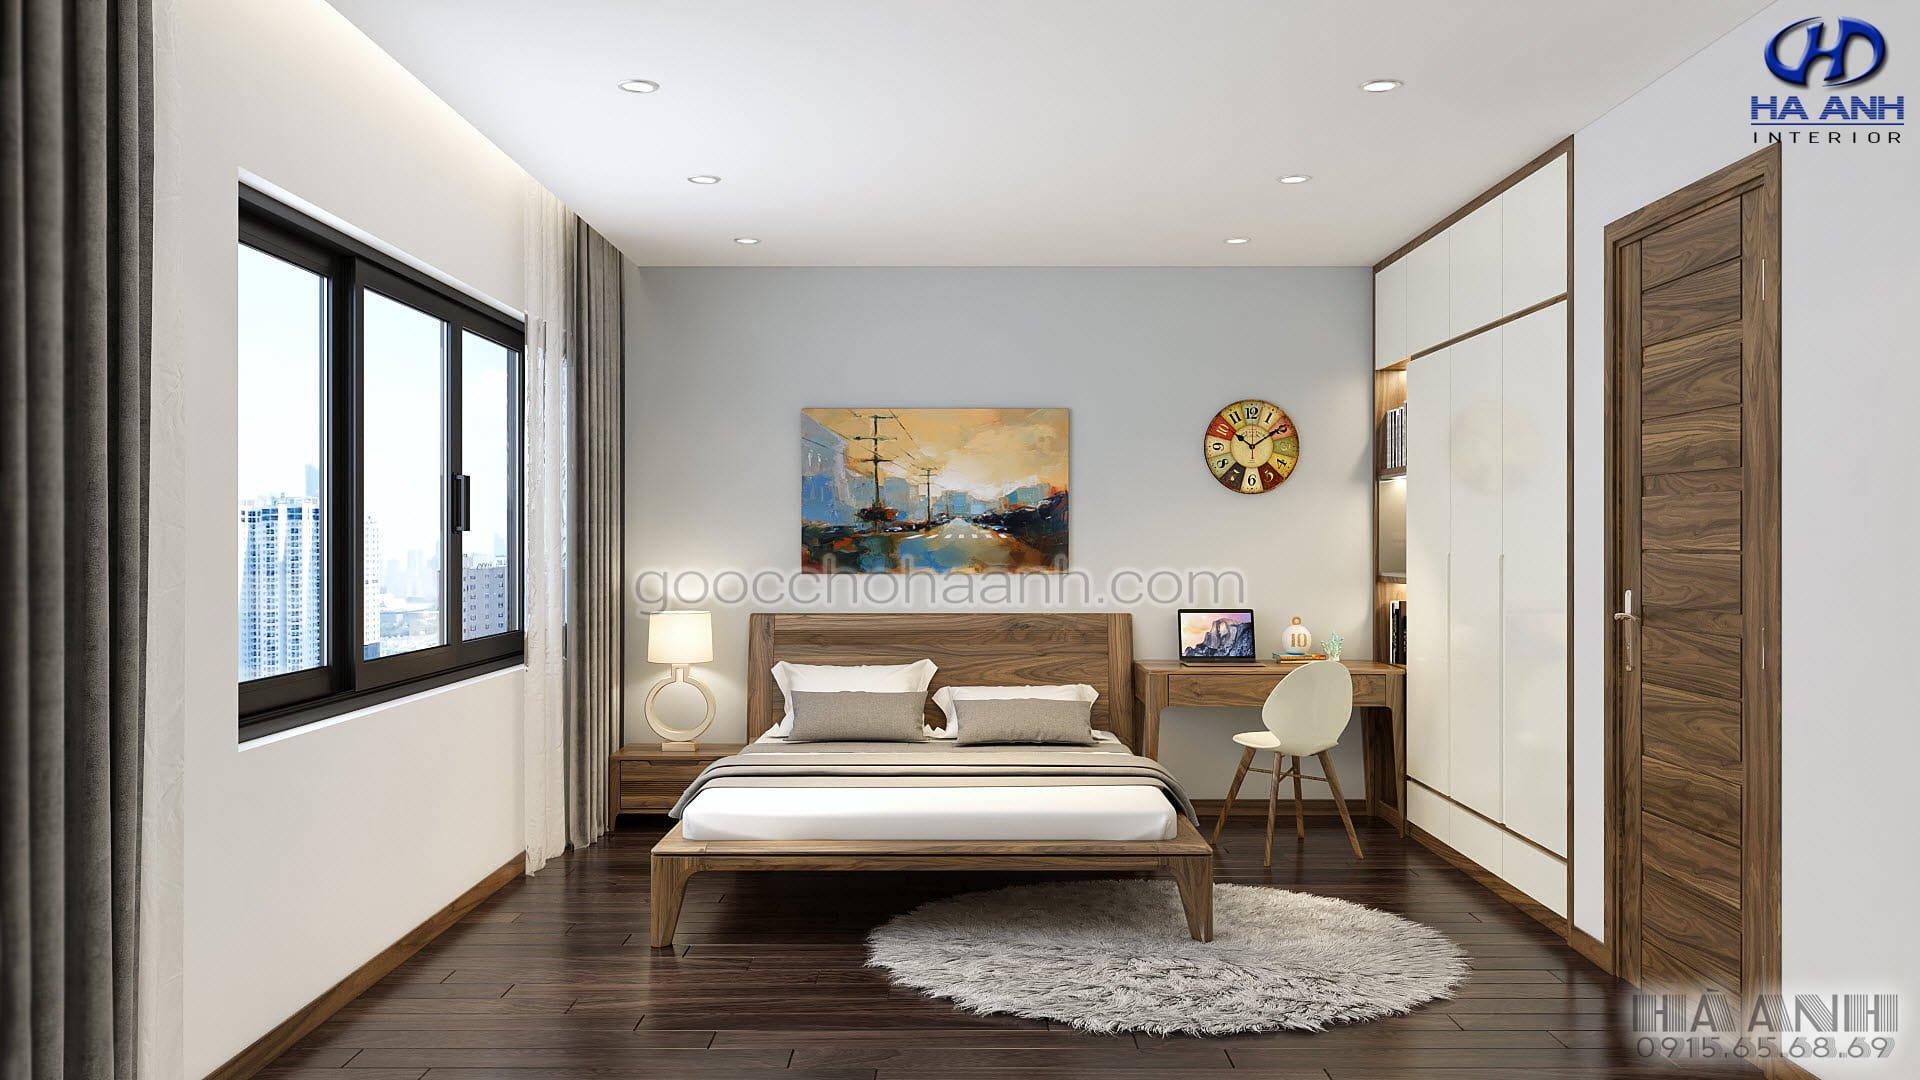 giường ngủ gỗ óc chó tự nhiên HN 6015 mẫu 2